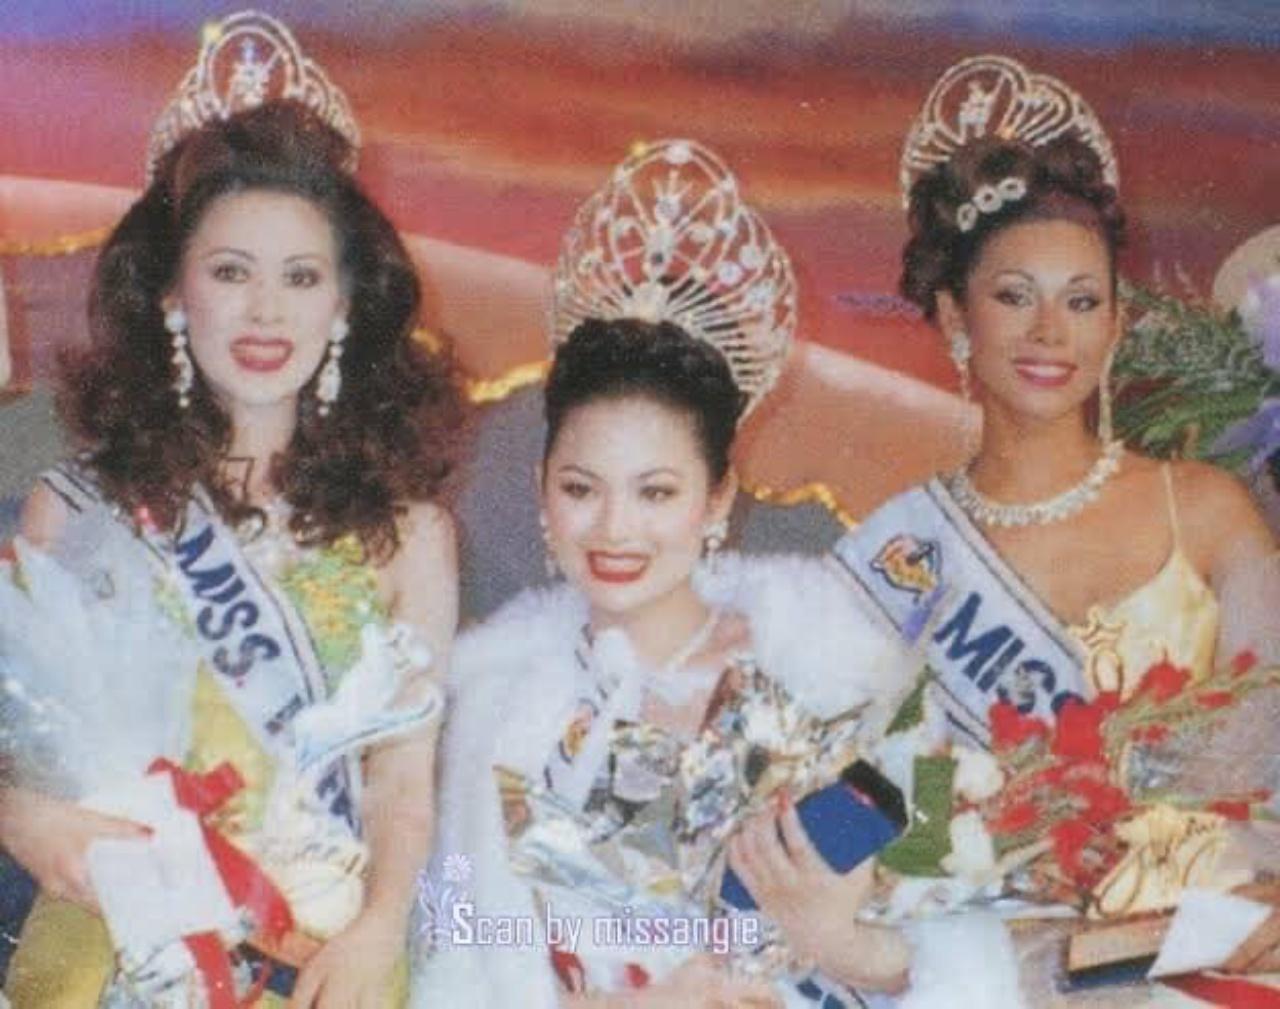 คนกลาง ธนาภรณ์ วงศ์ประเสิร์ฐ มิสทิฟฟานี่ Miss Tiffany 1998